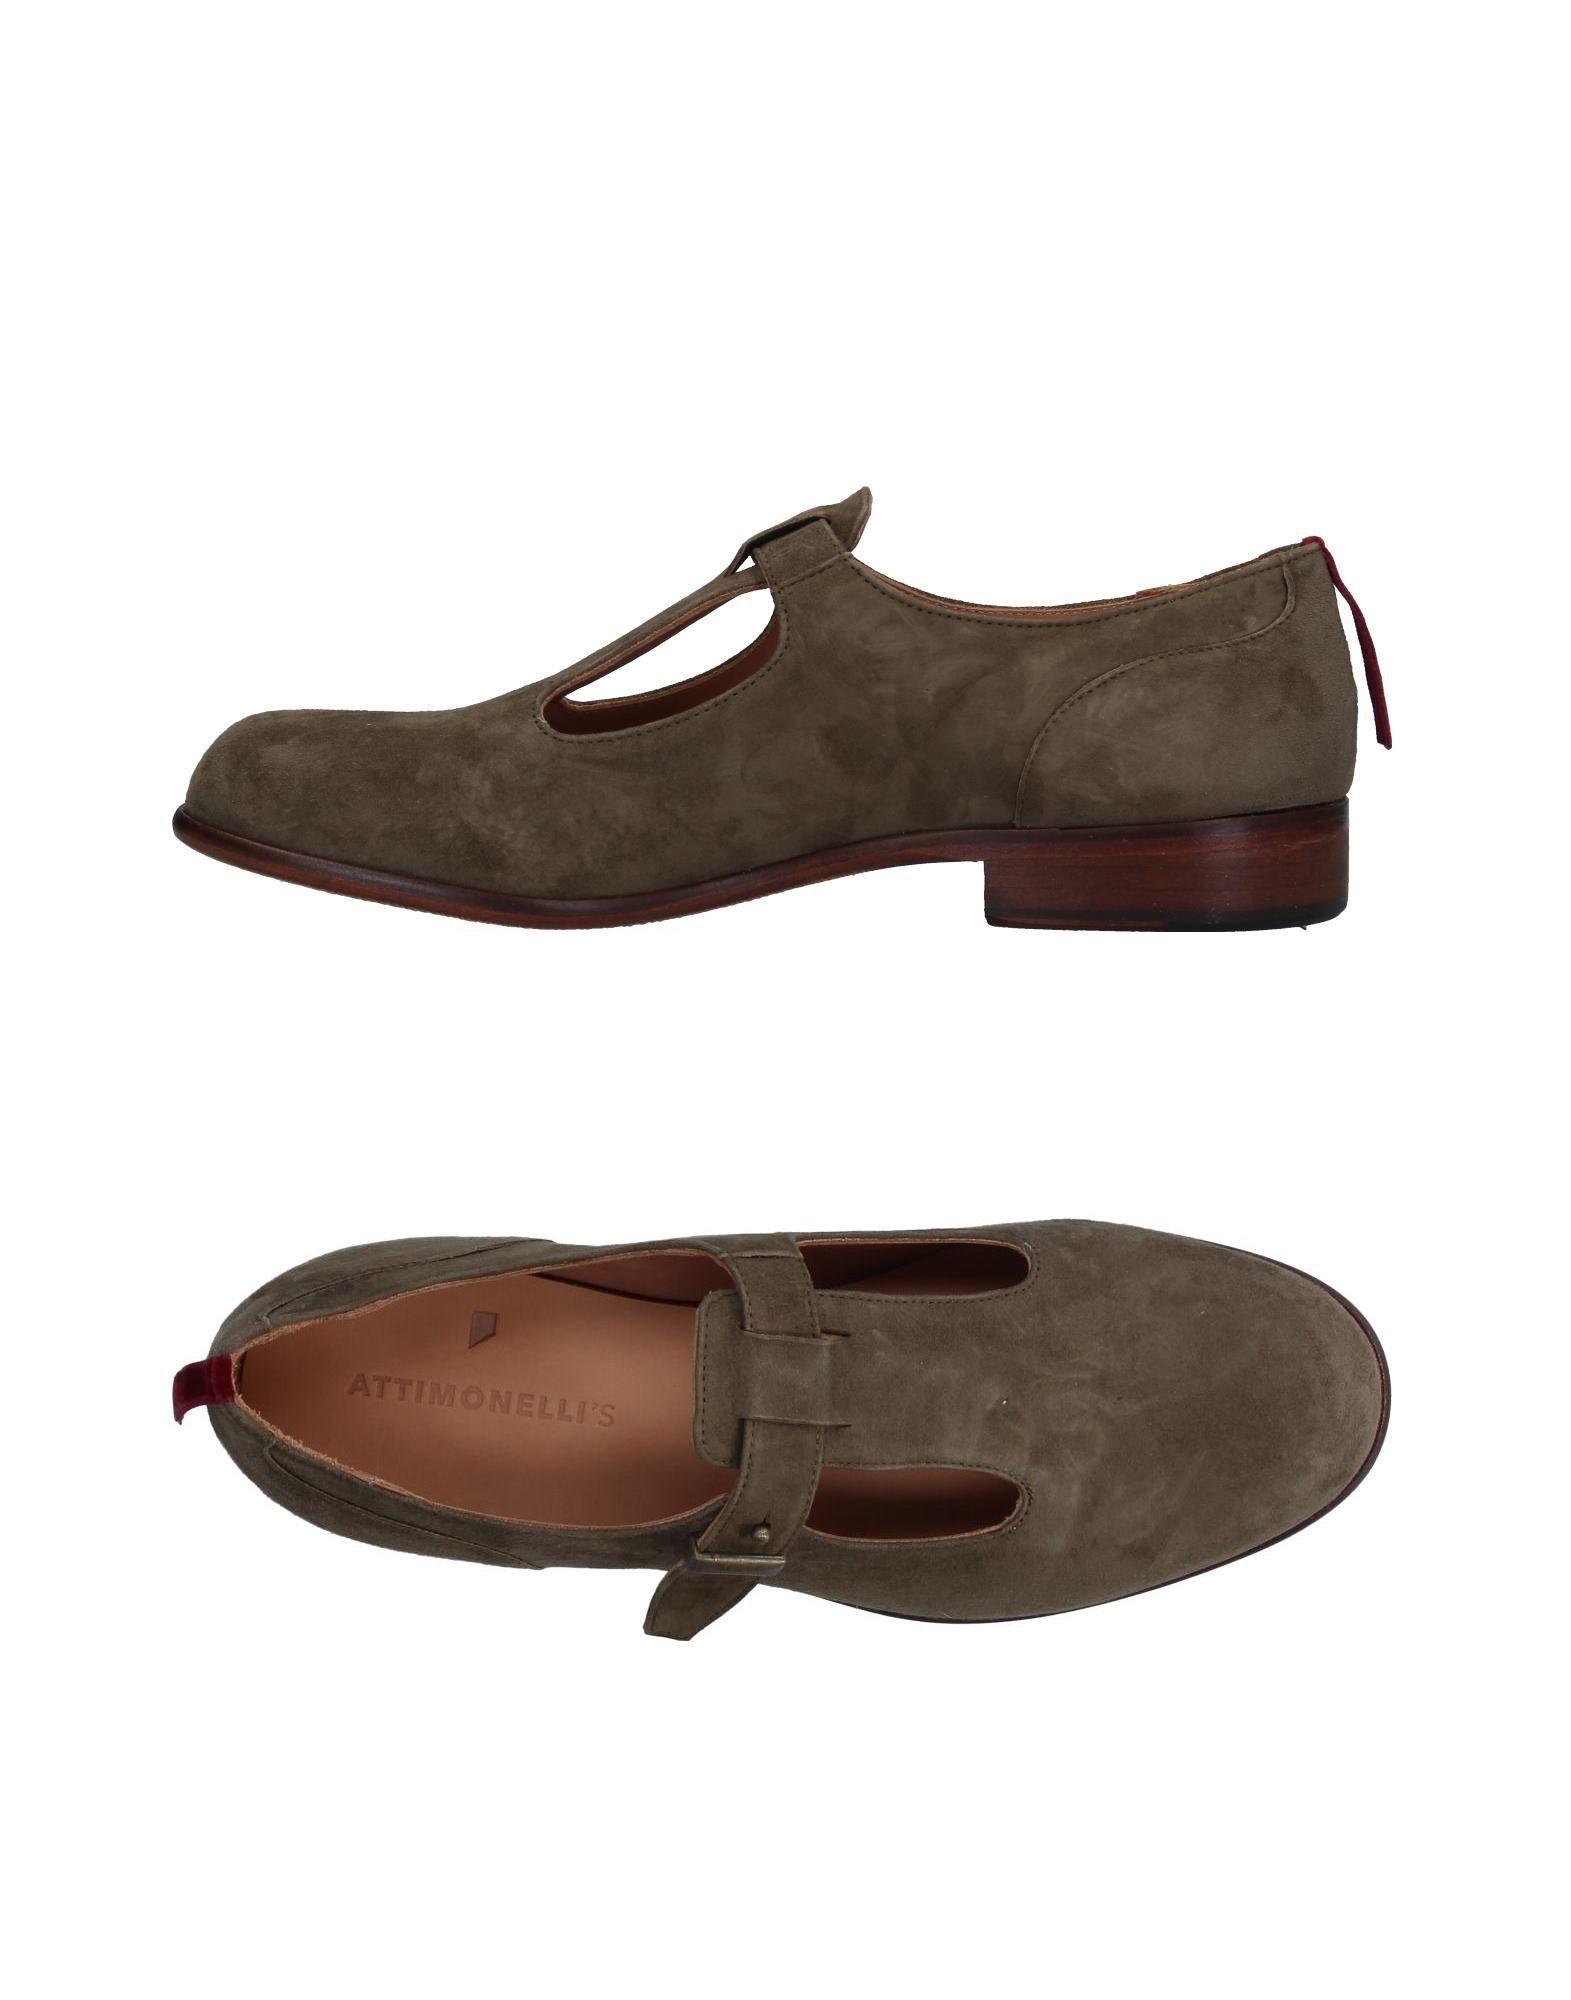 Attimonelli's Mokassins Herren  11332466GA Schuhe Heiße Schuhe 11332466GA 17884d